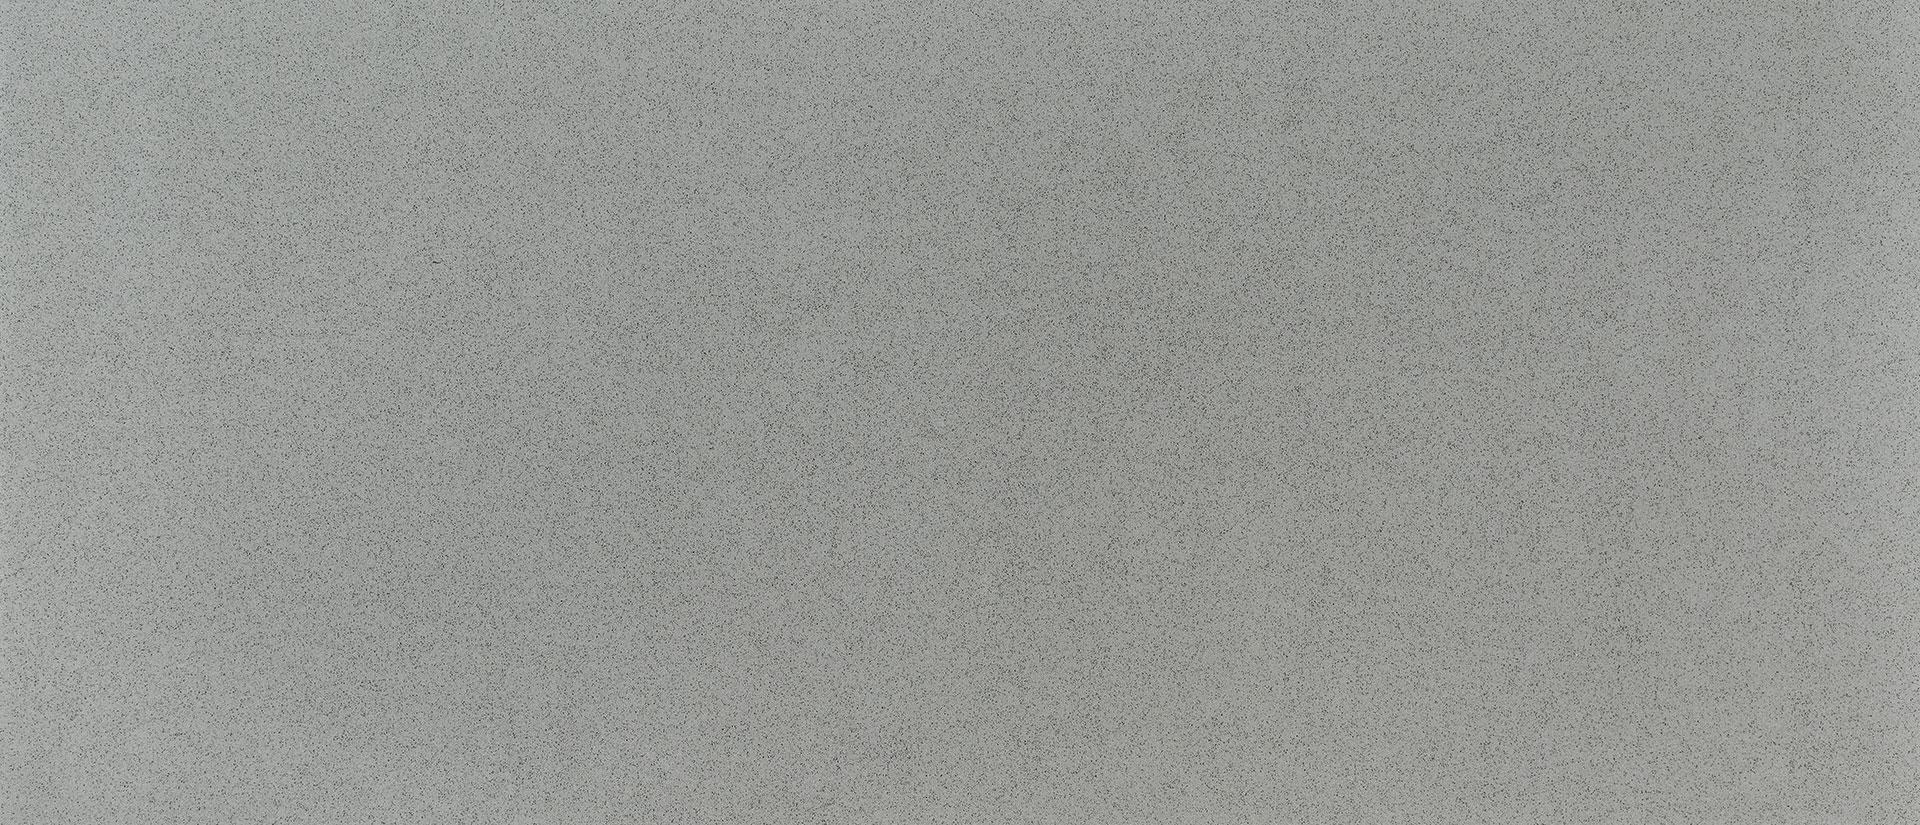 iced gray